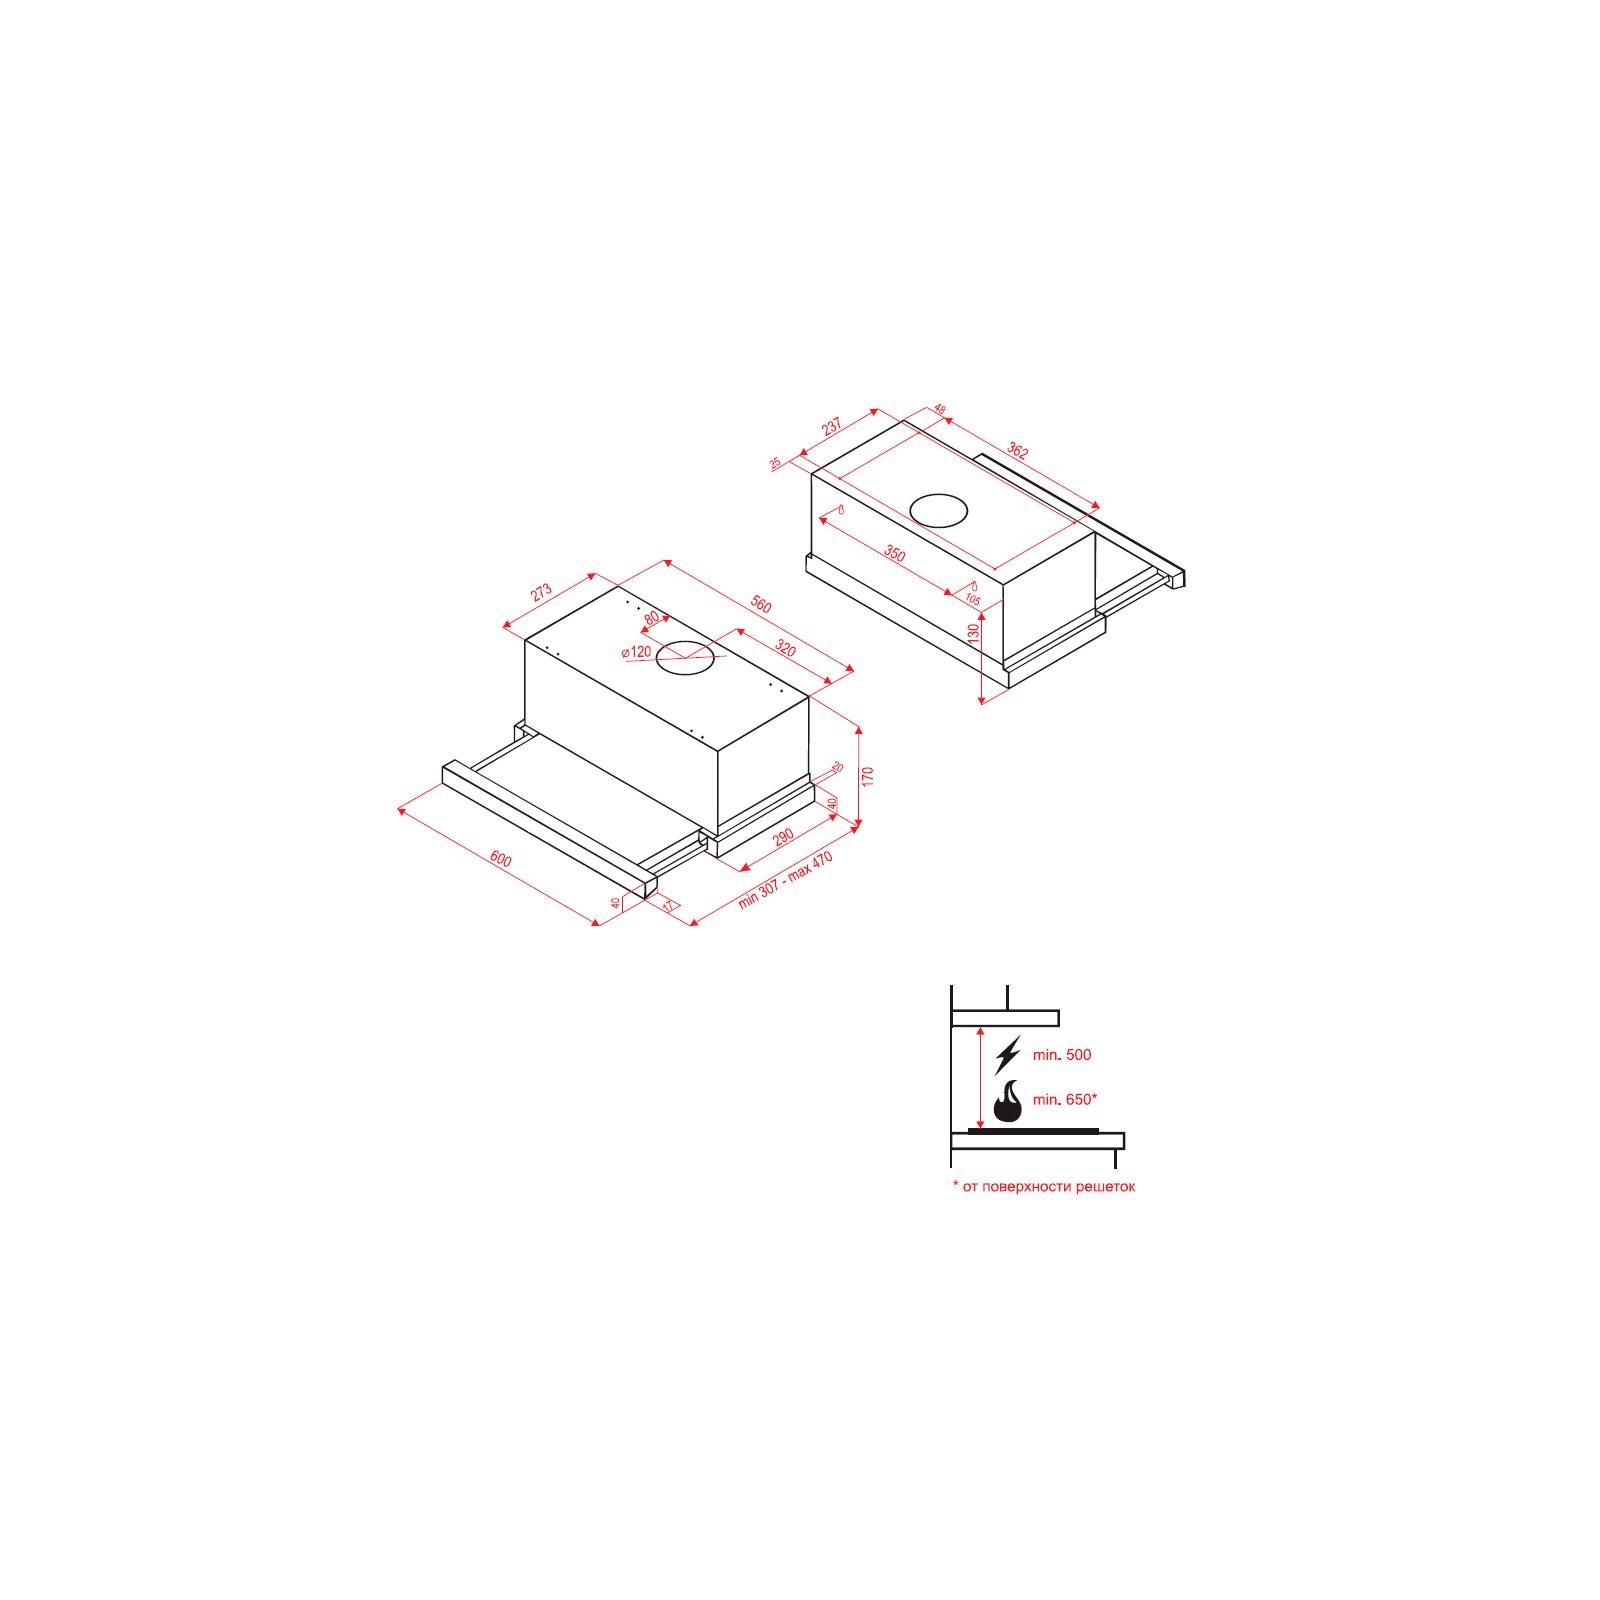 Вытяжка кухонная PERFELLI TL 6010 W изображение 5